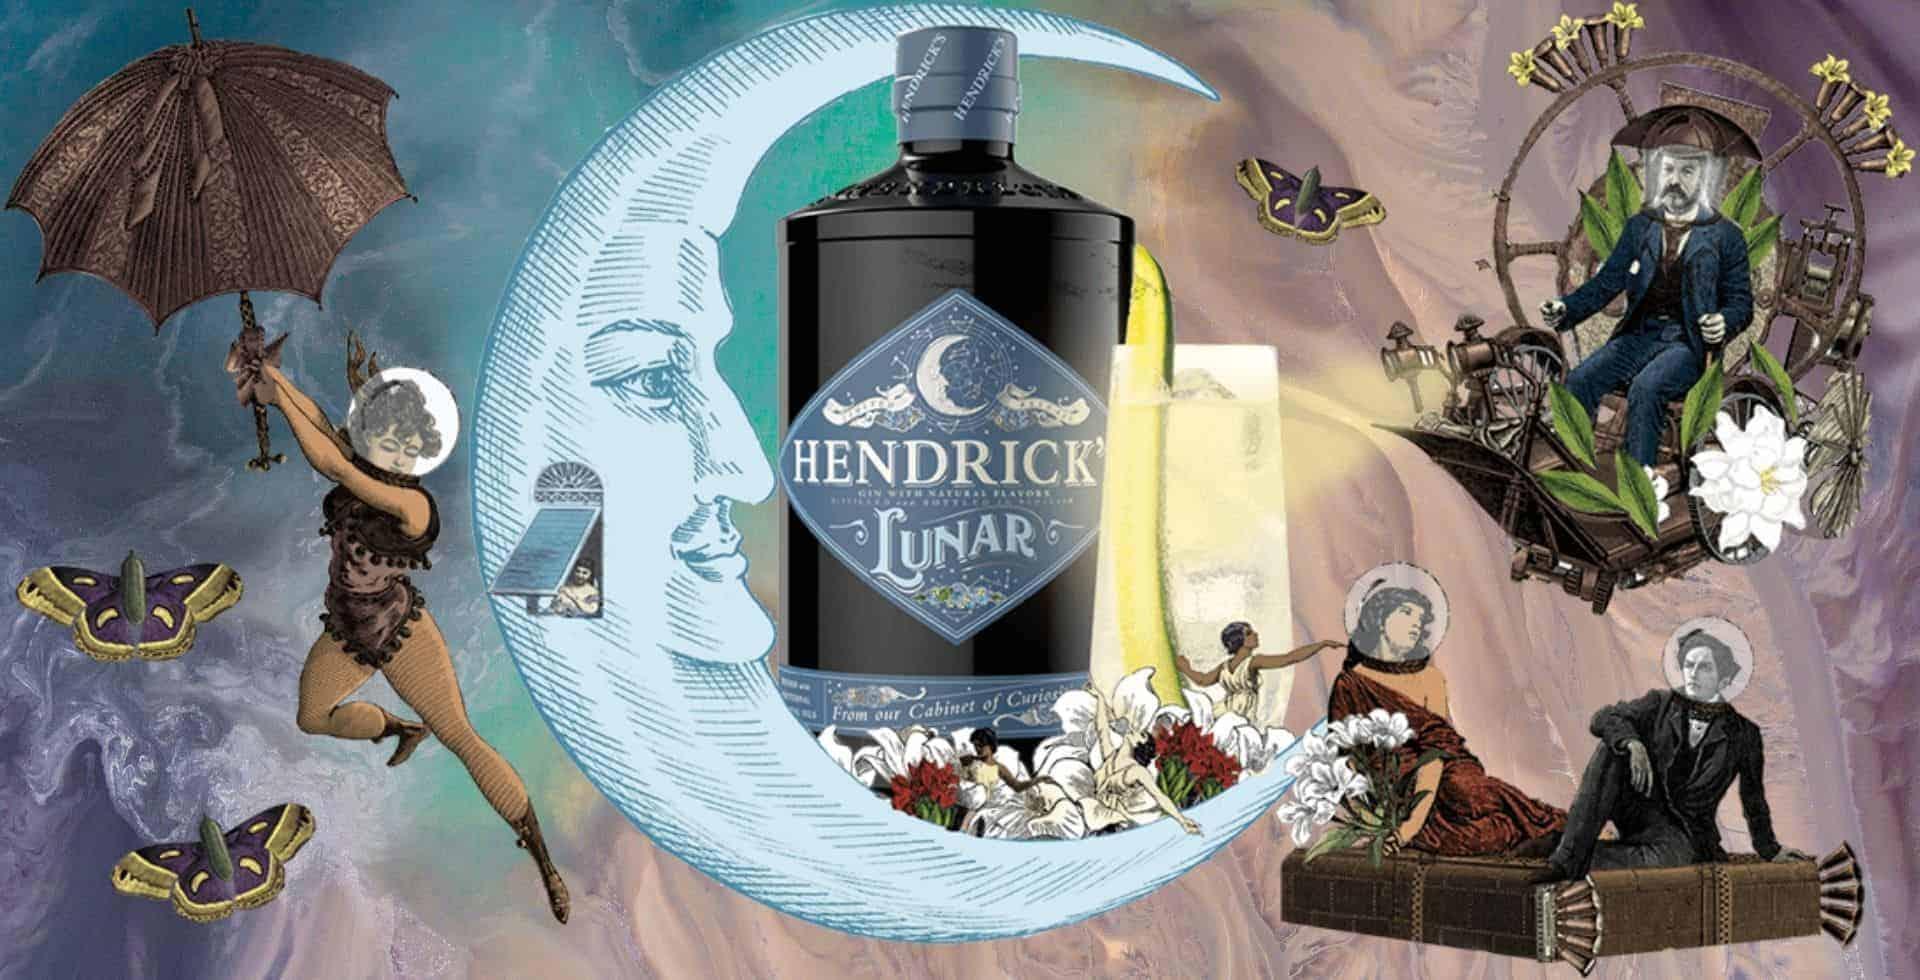 La marca de ginebra Hendrick's está lanzando una edición limitada llamada Lunar Gin, una bebida para celebrar la primera luna llena de 2021